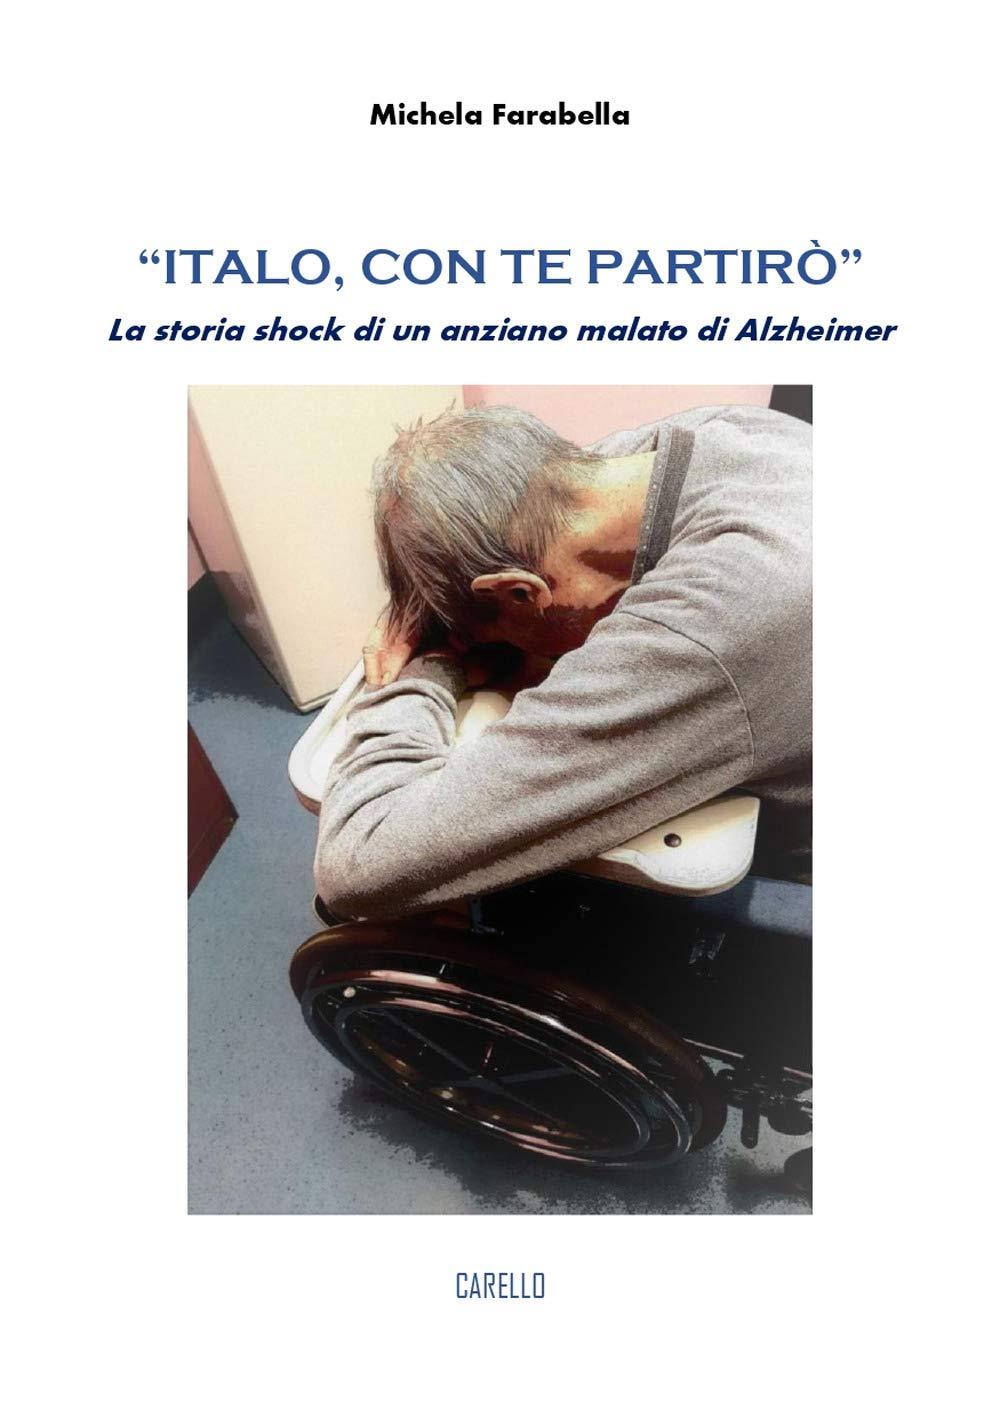 Italo, con te partirò». La storia shock di un anziano malato di Alzheimer:  Amazon.it: Farabella, Michela: Libri